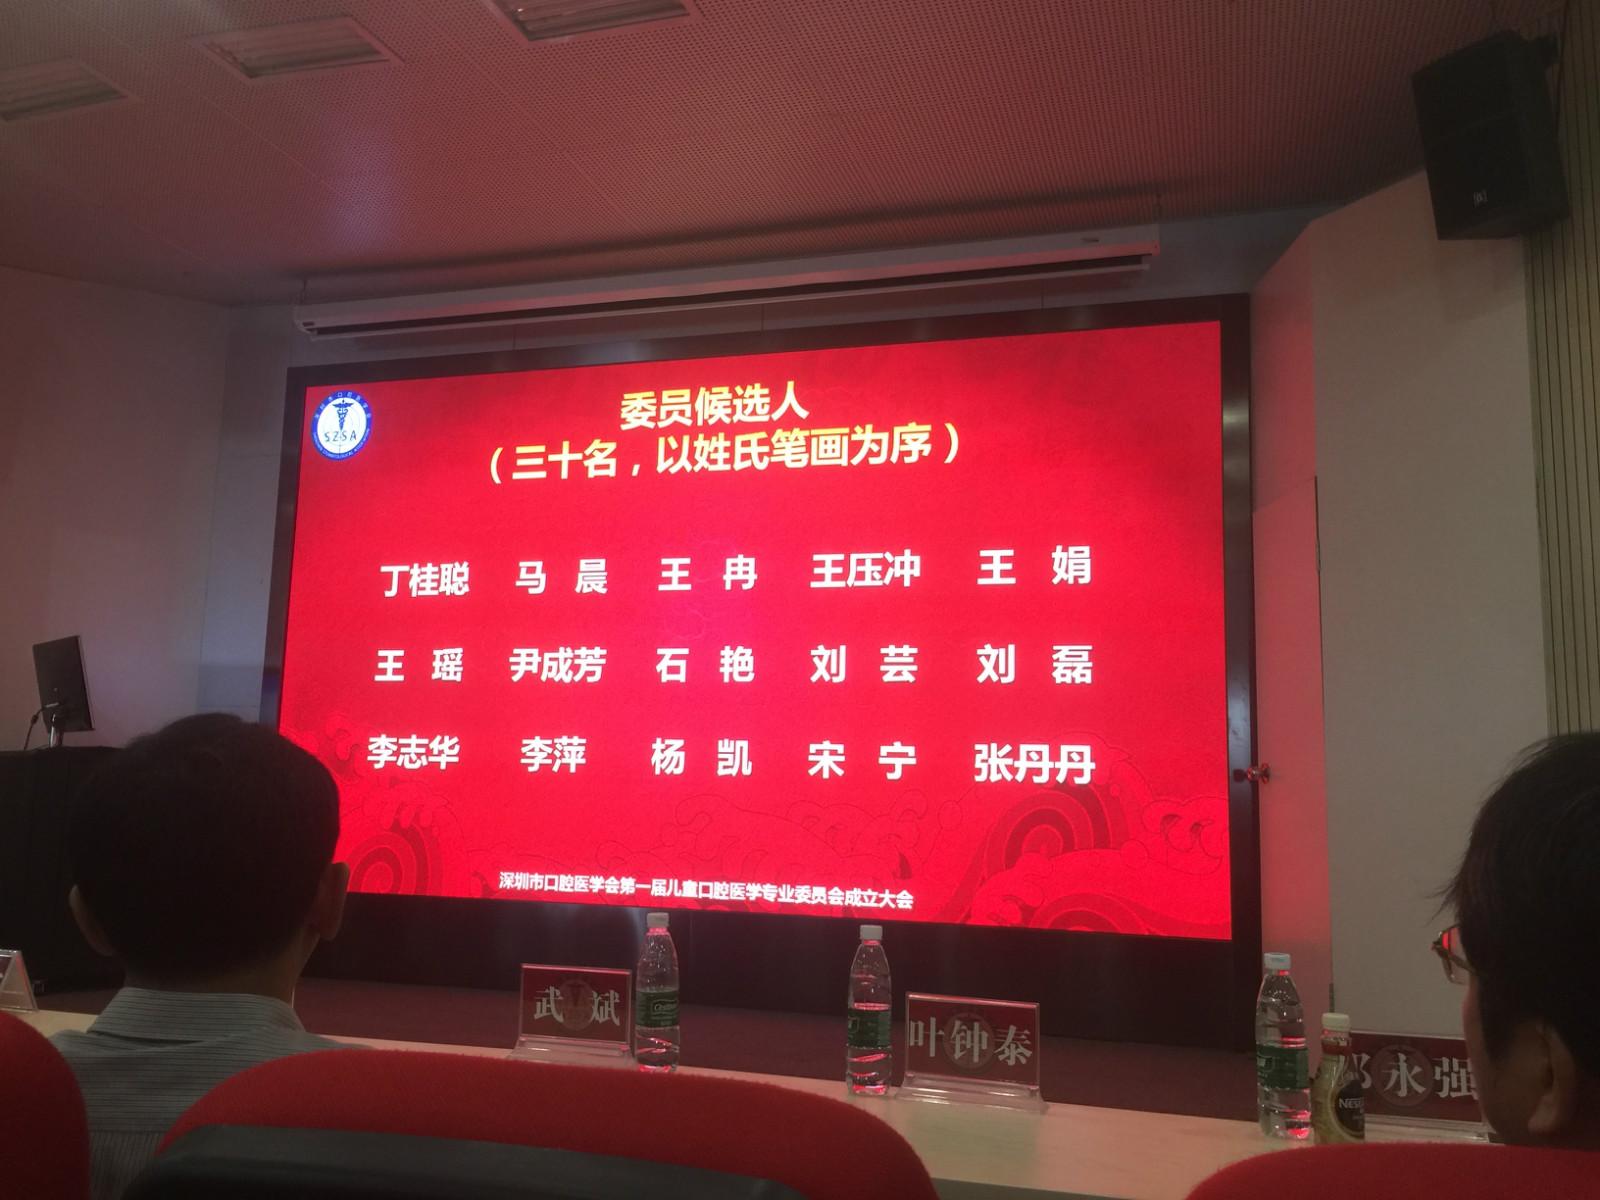 【祝贺】爱康健口腔王冉医生当选深圳口腔医学会儿童口腔医学专委会委员